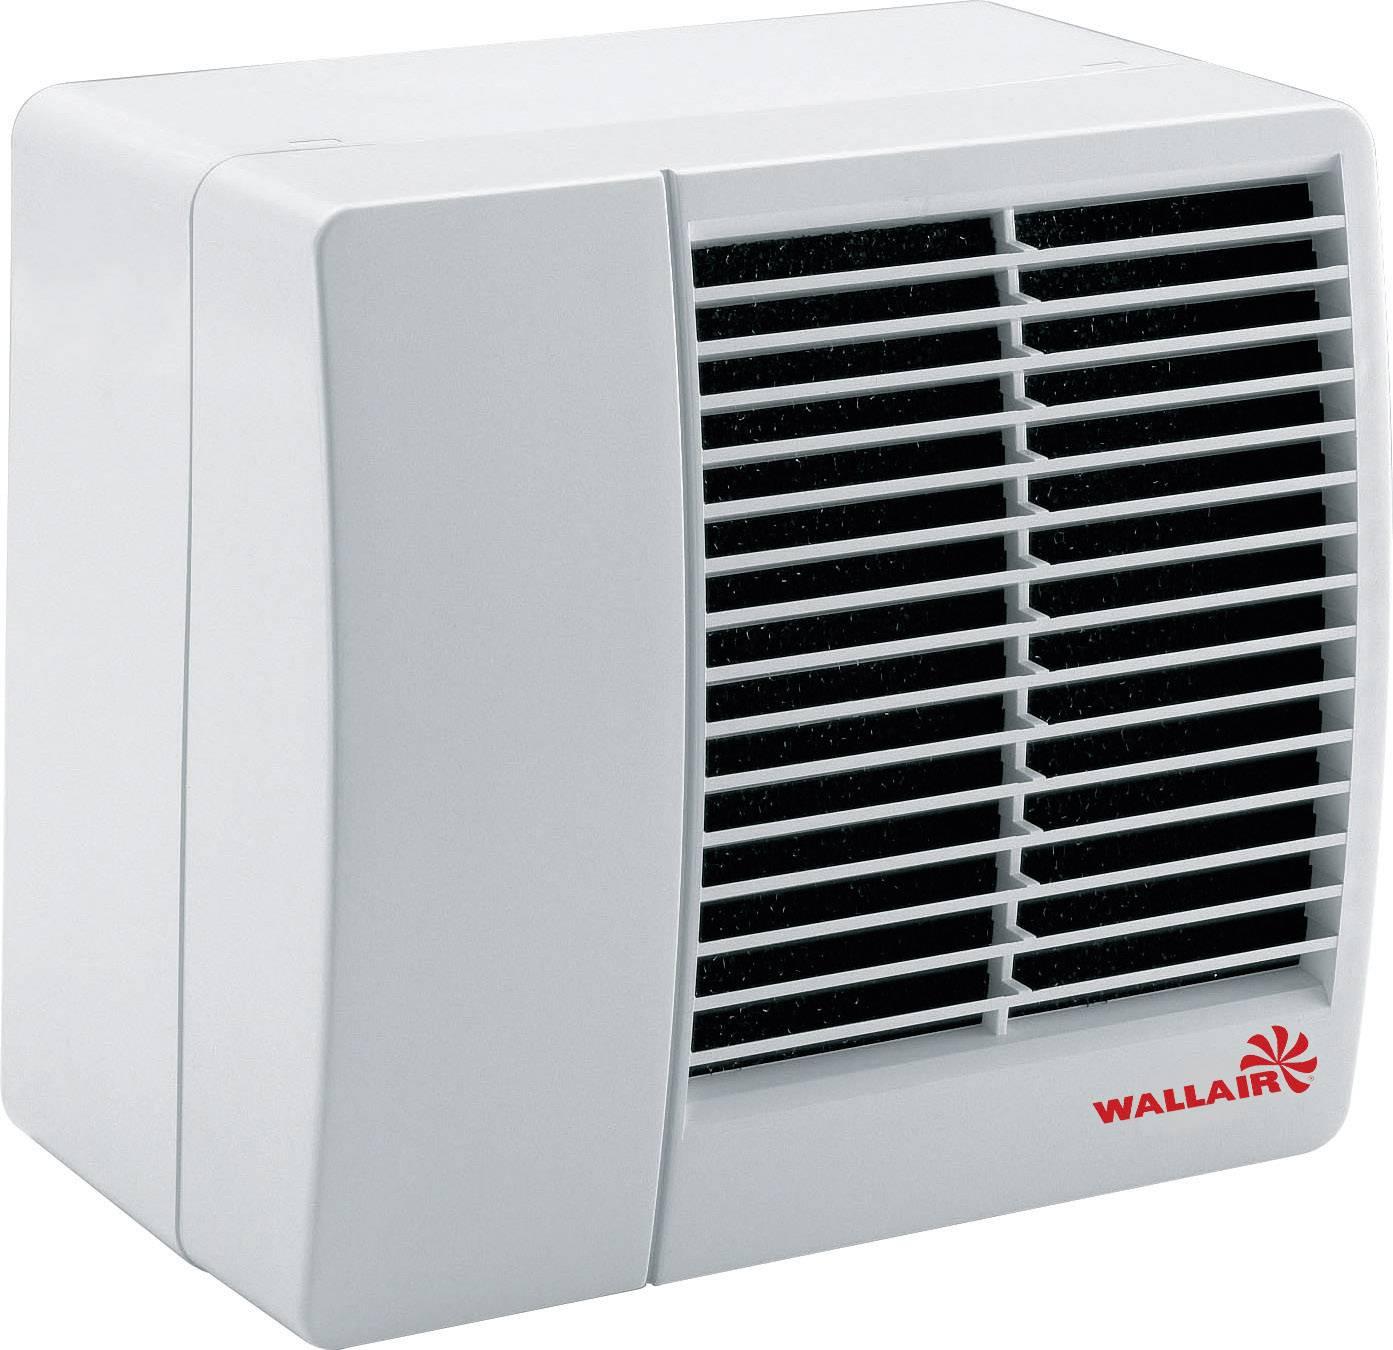 Centrifugový ventilátor Wallair Radia Ø 300 mm, bílý